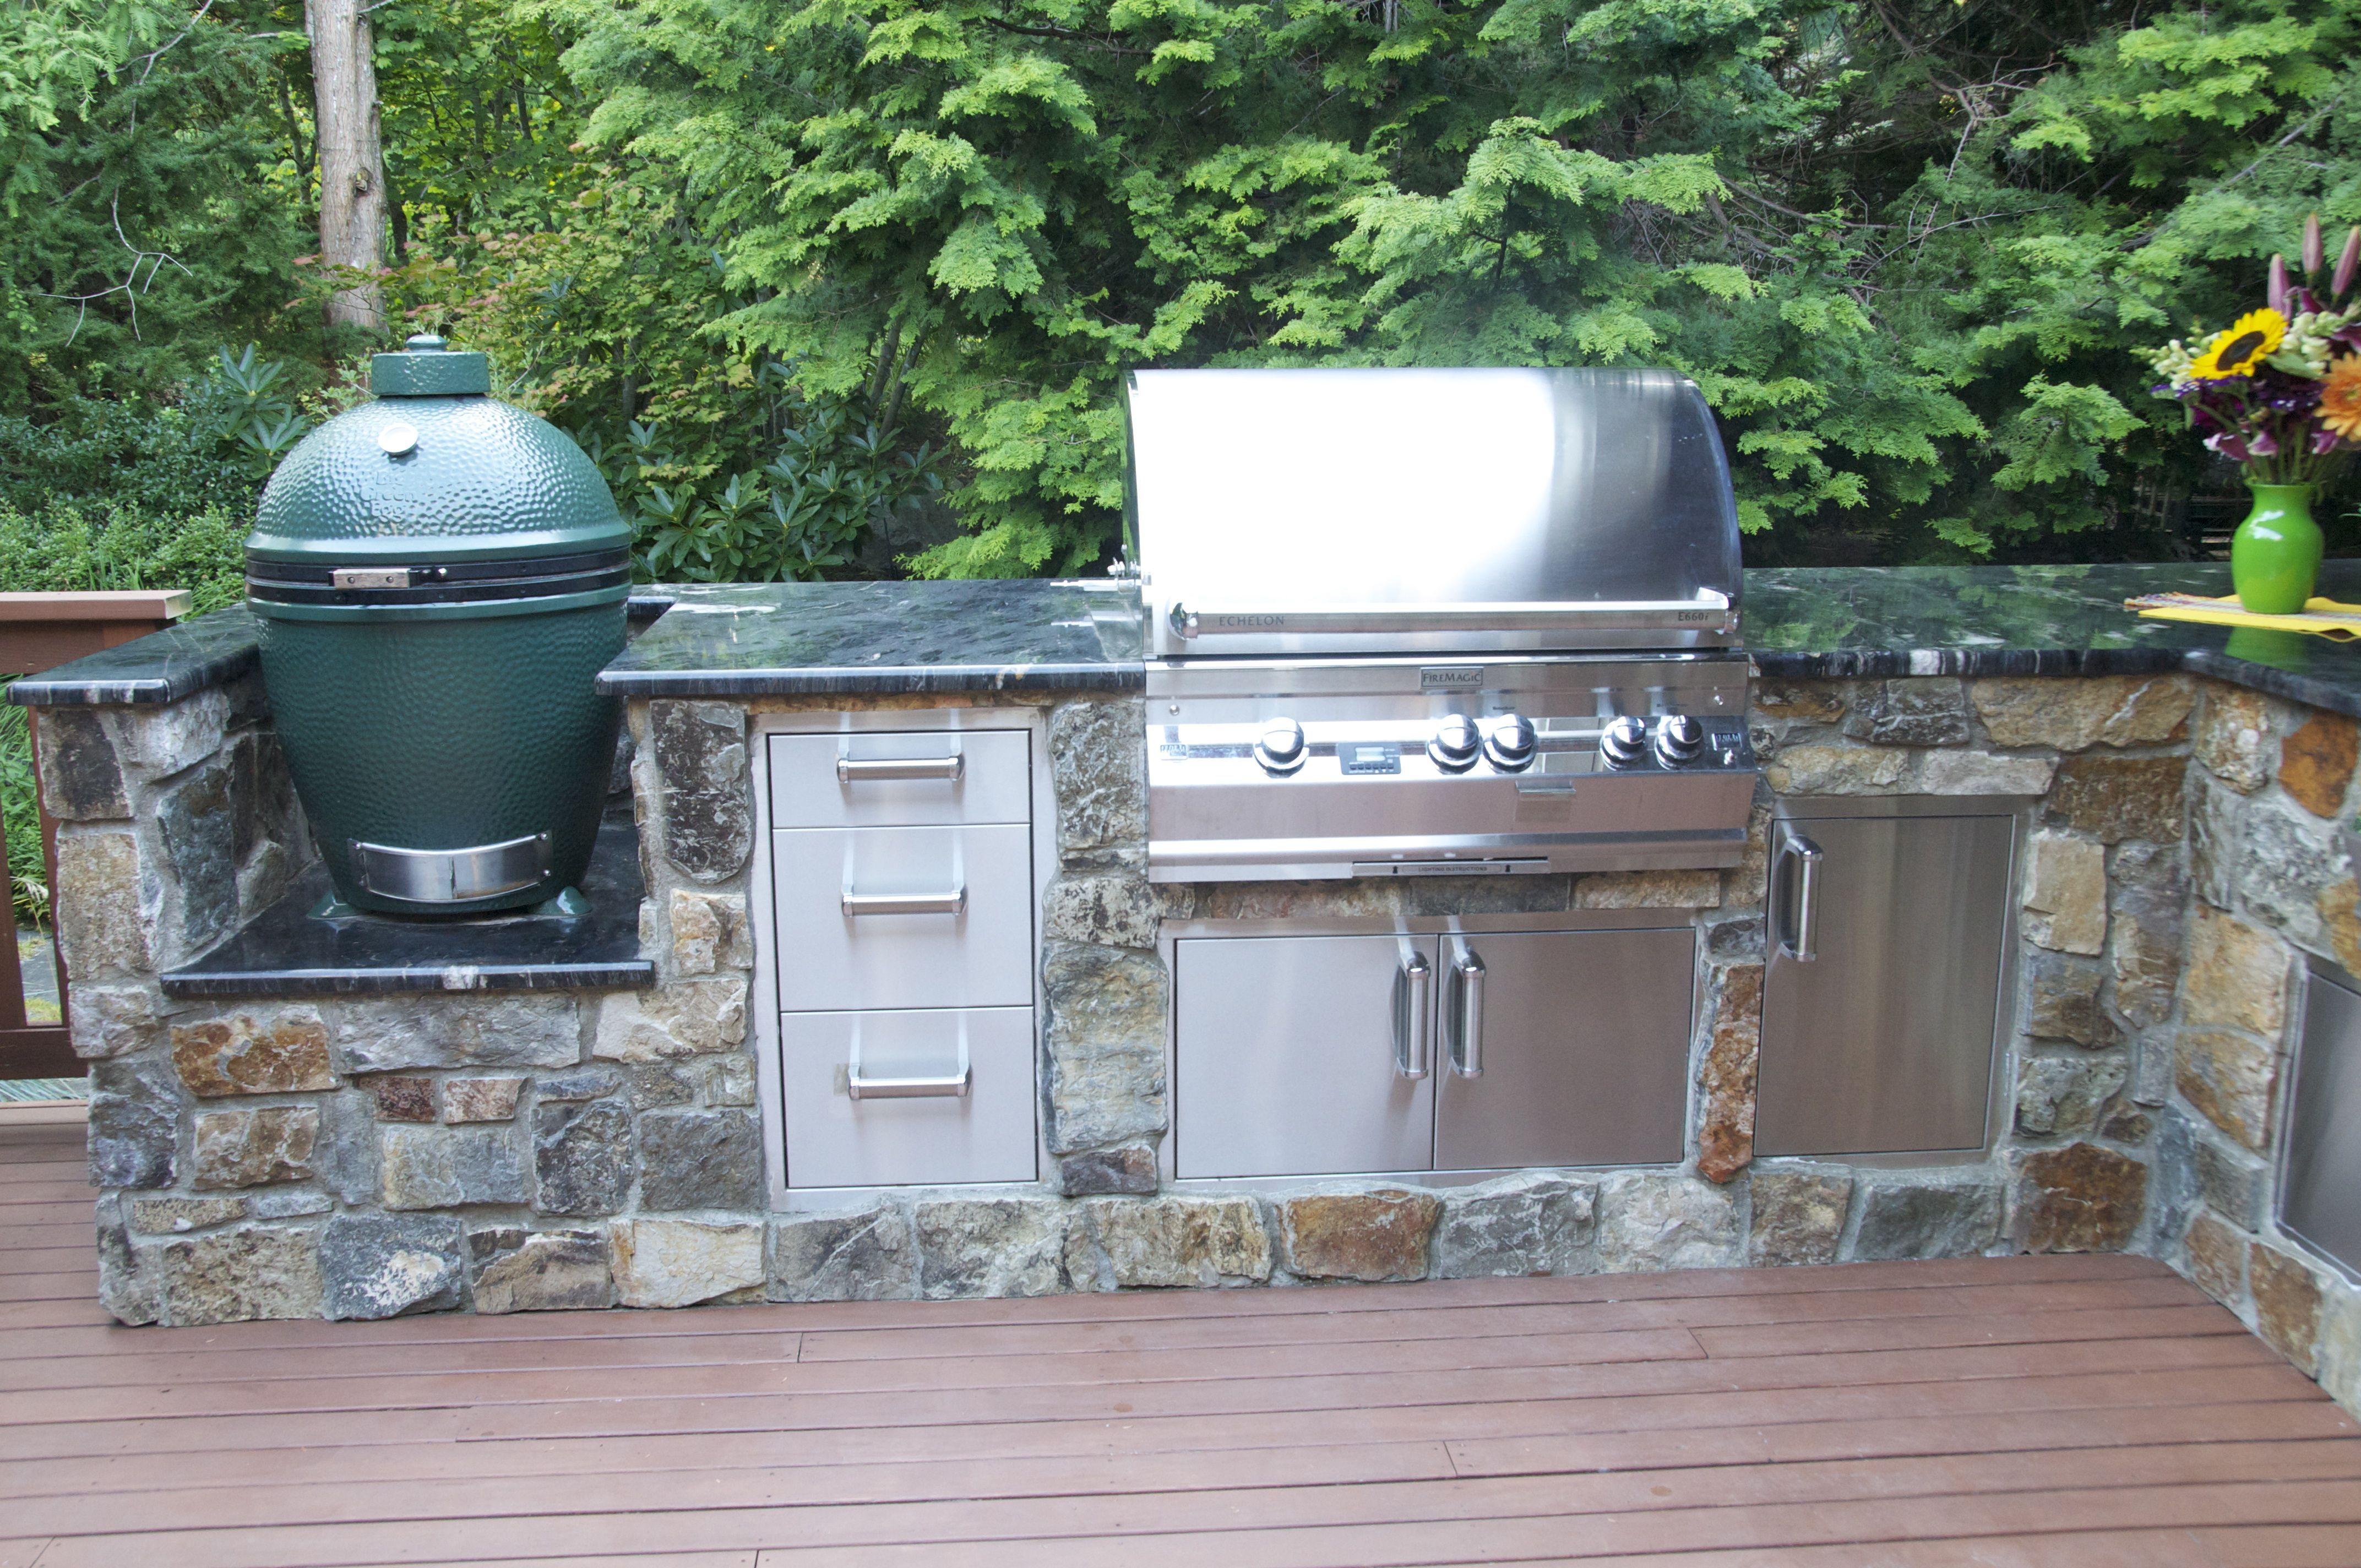 graysen woods outdoor kitchen island outdoor kitchen grill patio builders outdoor kitchen island on outdoor kitchen island id=79395